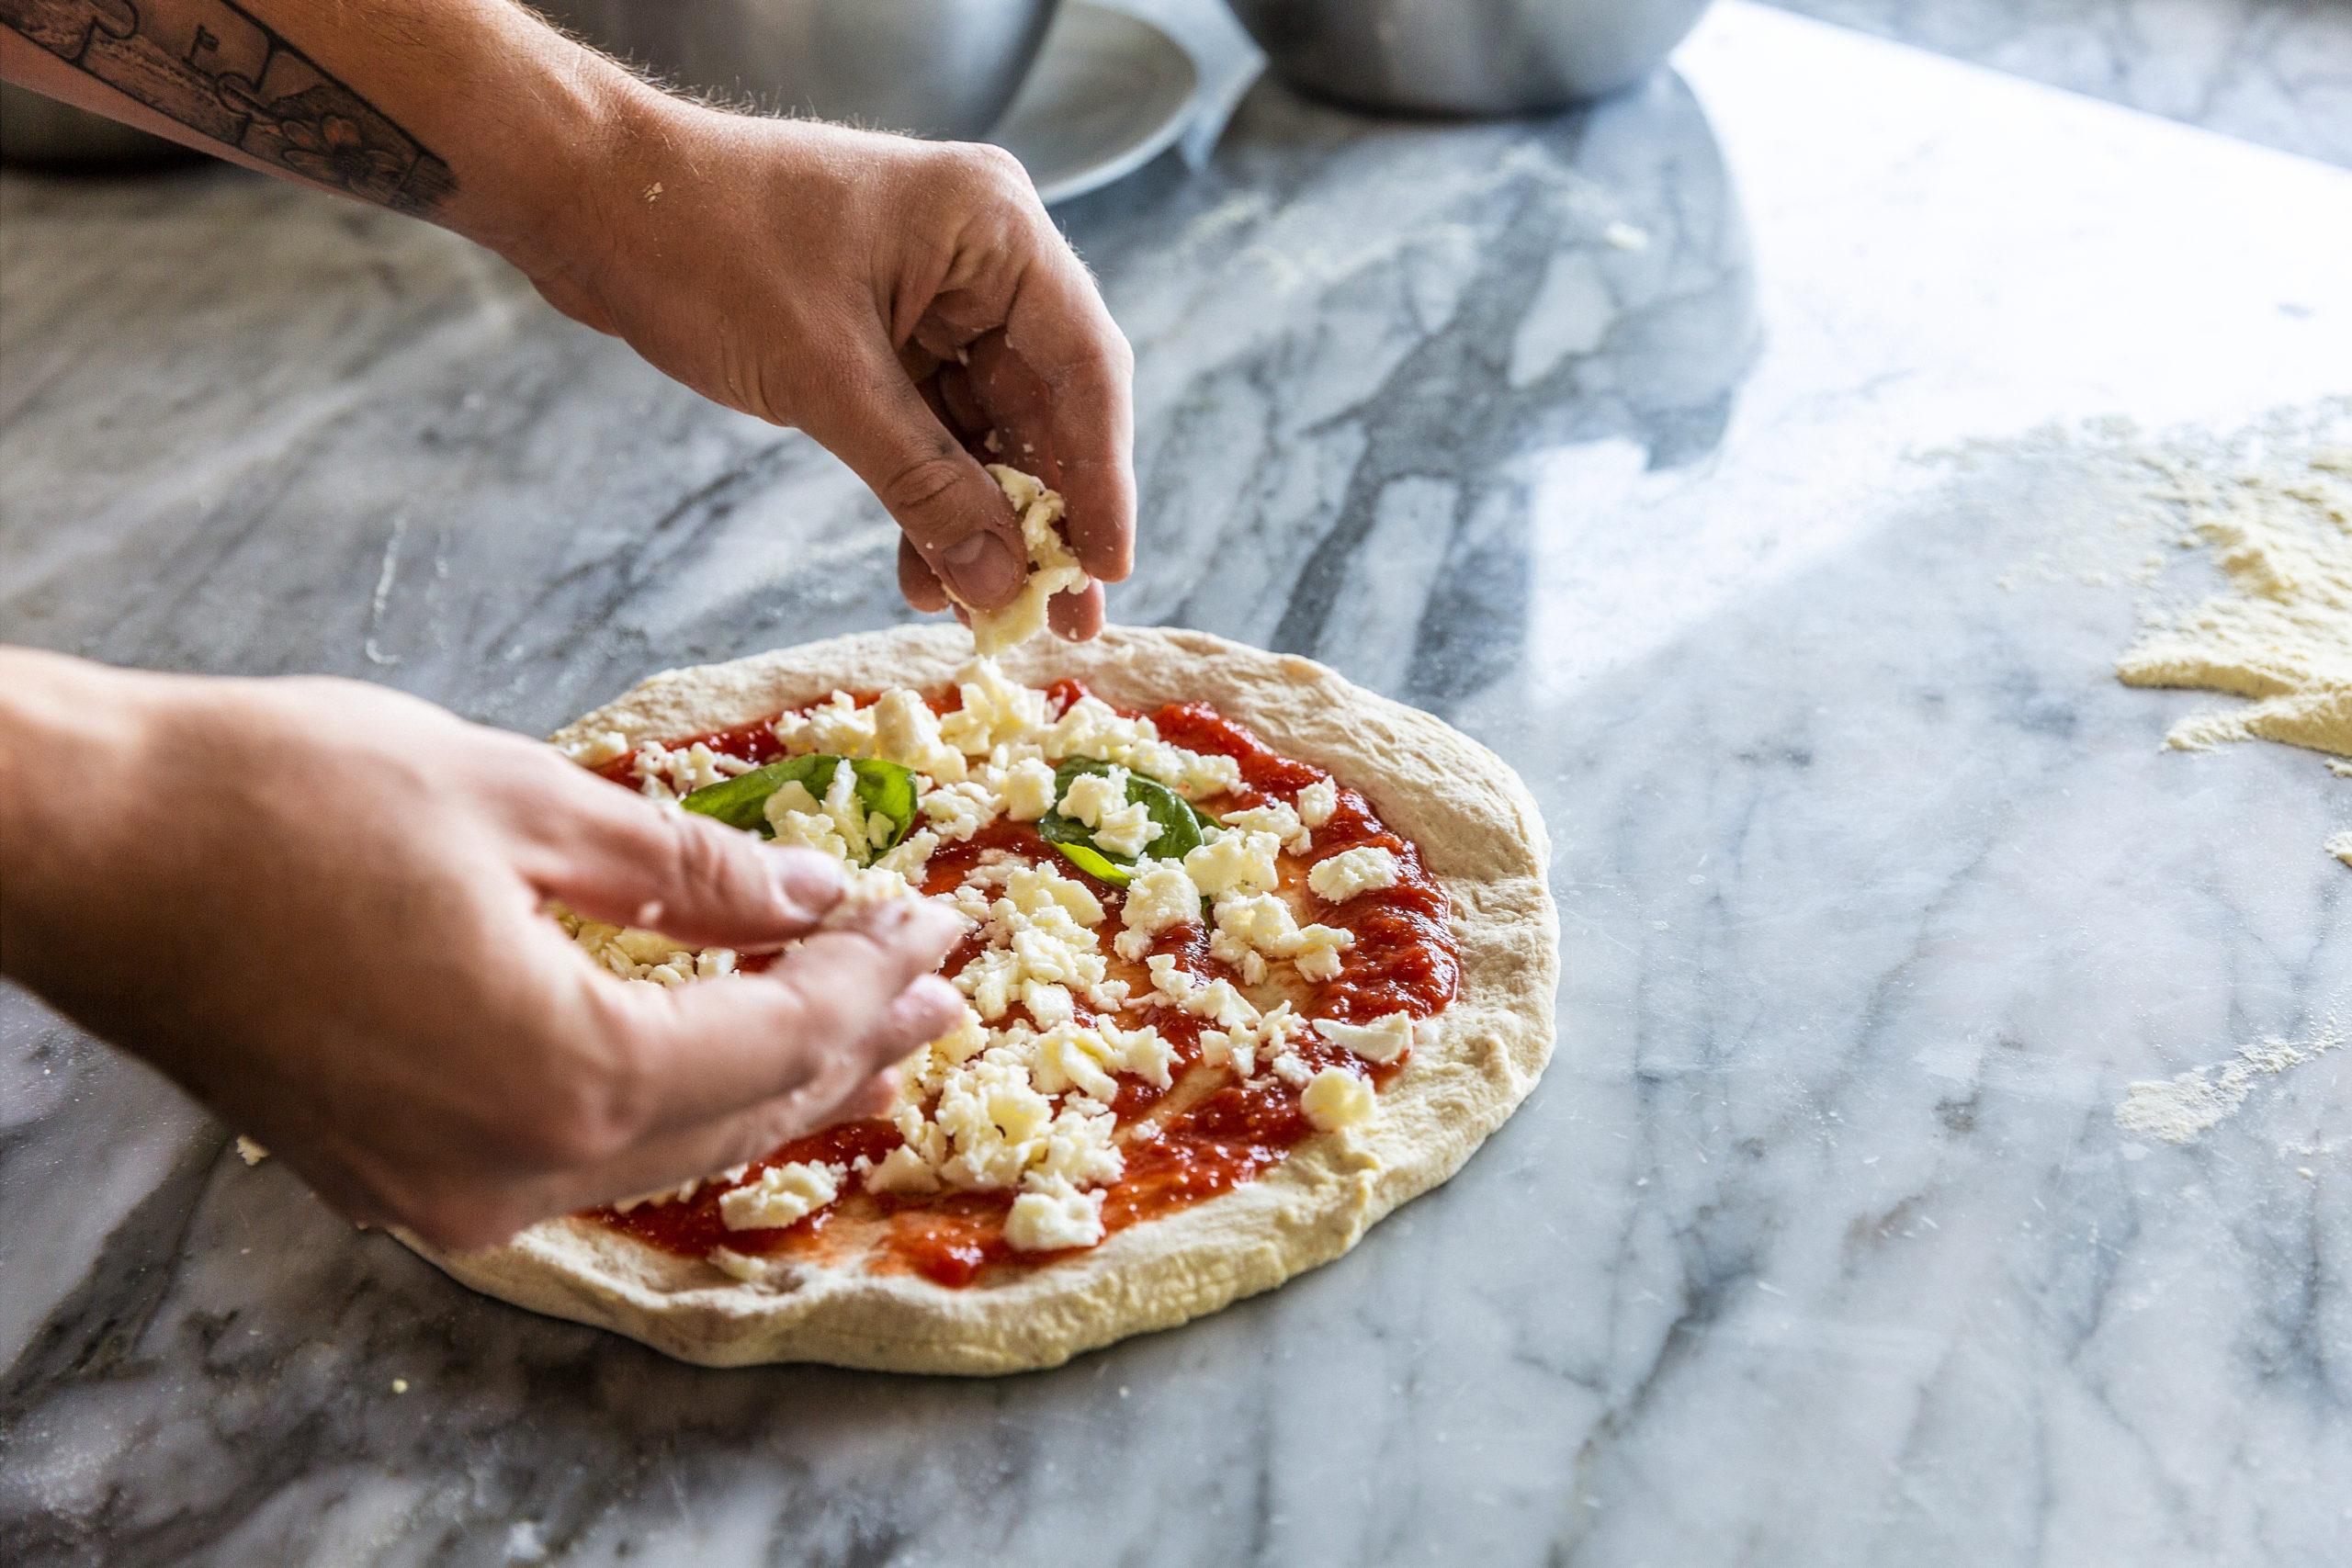 Fior di latte – Welcher Mozzarella auf Pizza?